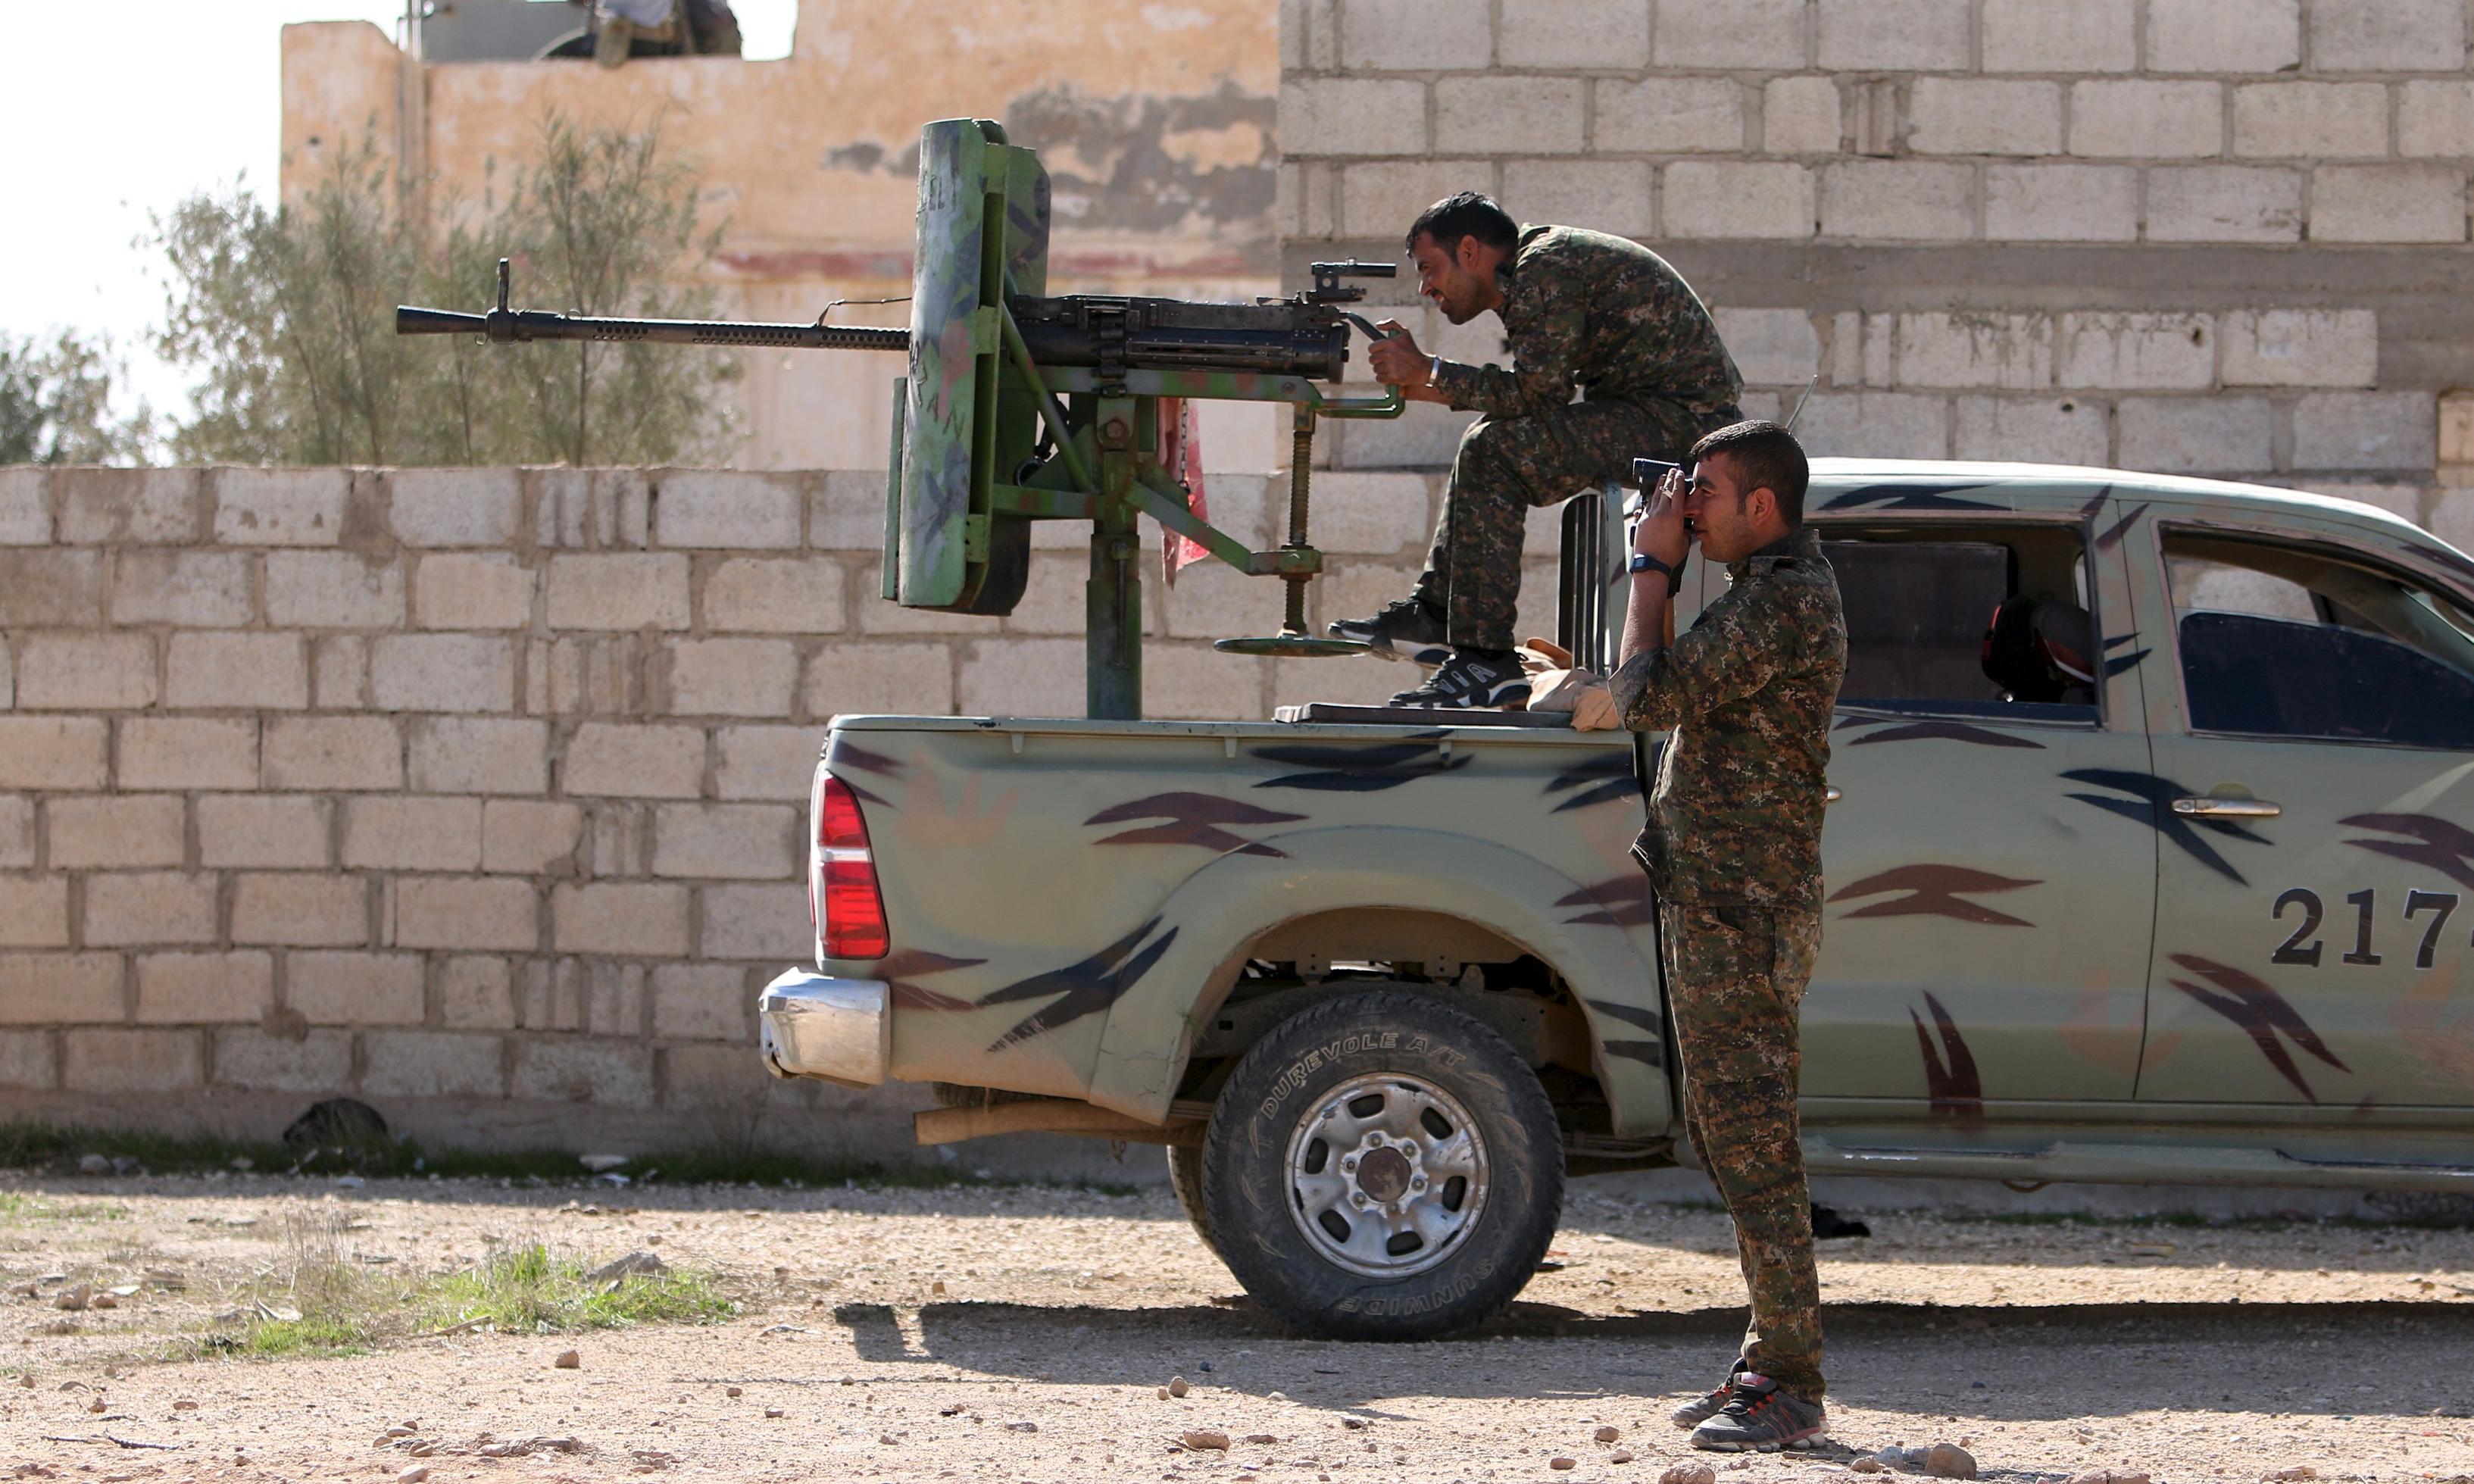 Times: ABD ile Türkiye arasında IŞİD kontrolündeki Menbic anlaşmazlığı